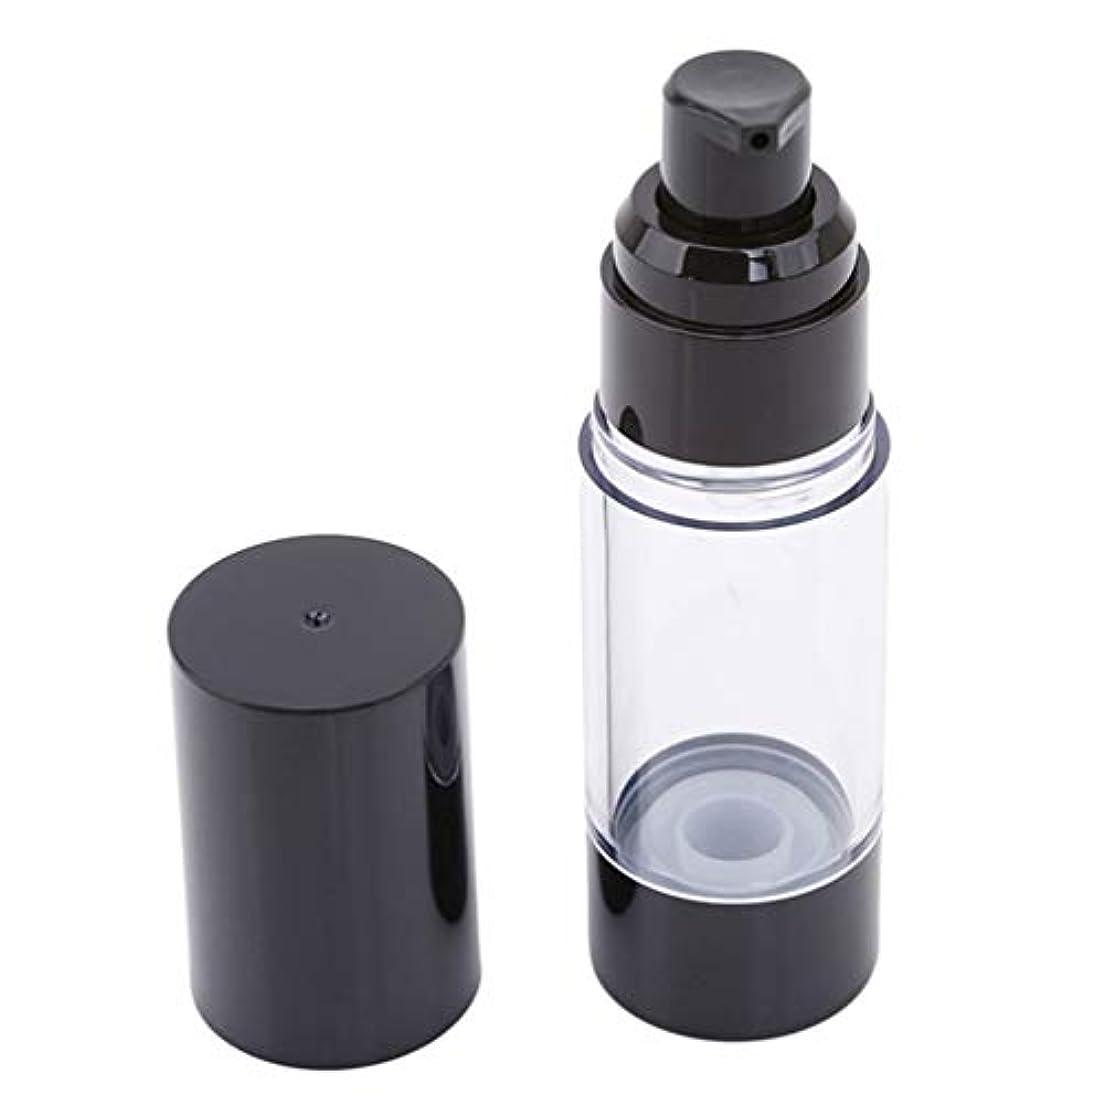 責任紛争ちょうつがいLJSLYJ 真空ポンプ化粧品ボトル旅行ポータブルBBクリームファンデーションプレスミニエマルジョンスプレー空のボトル、30ミリリットル